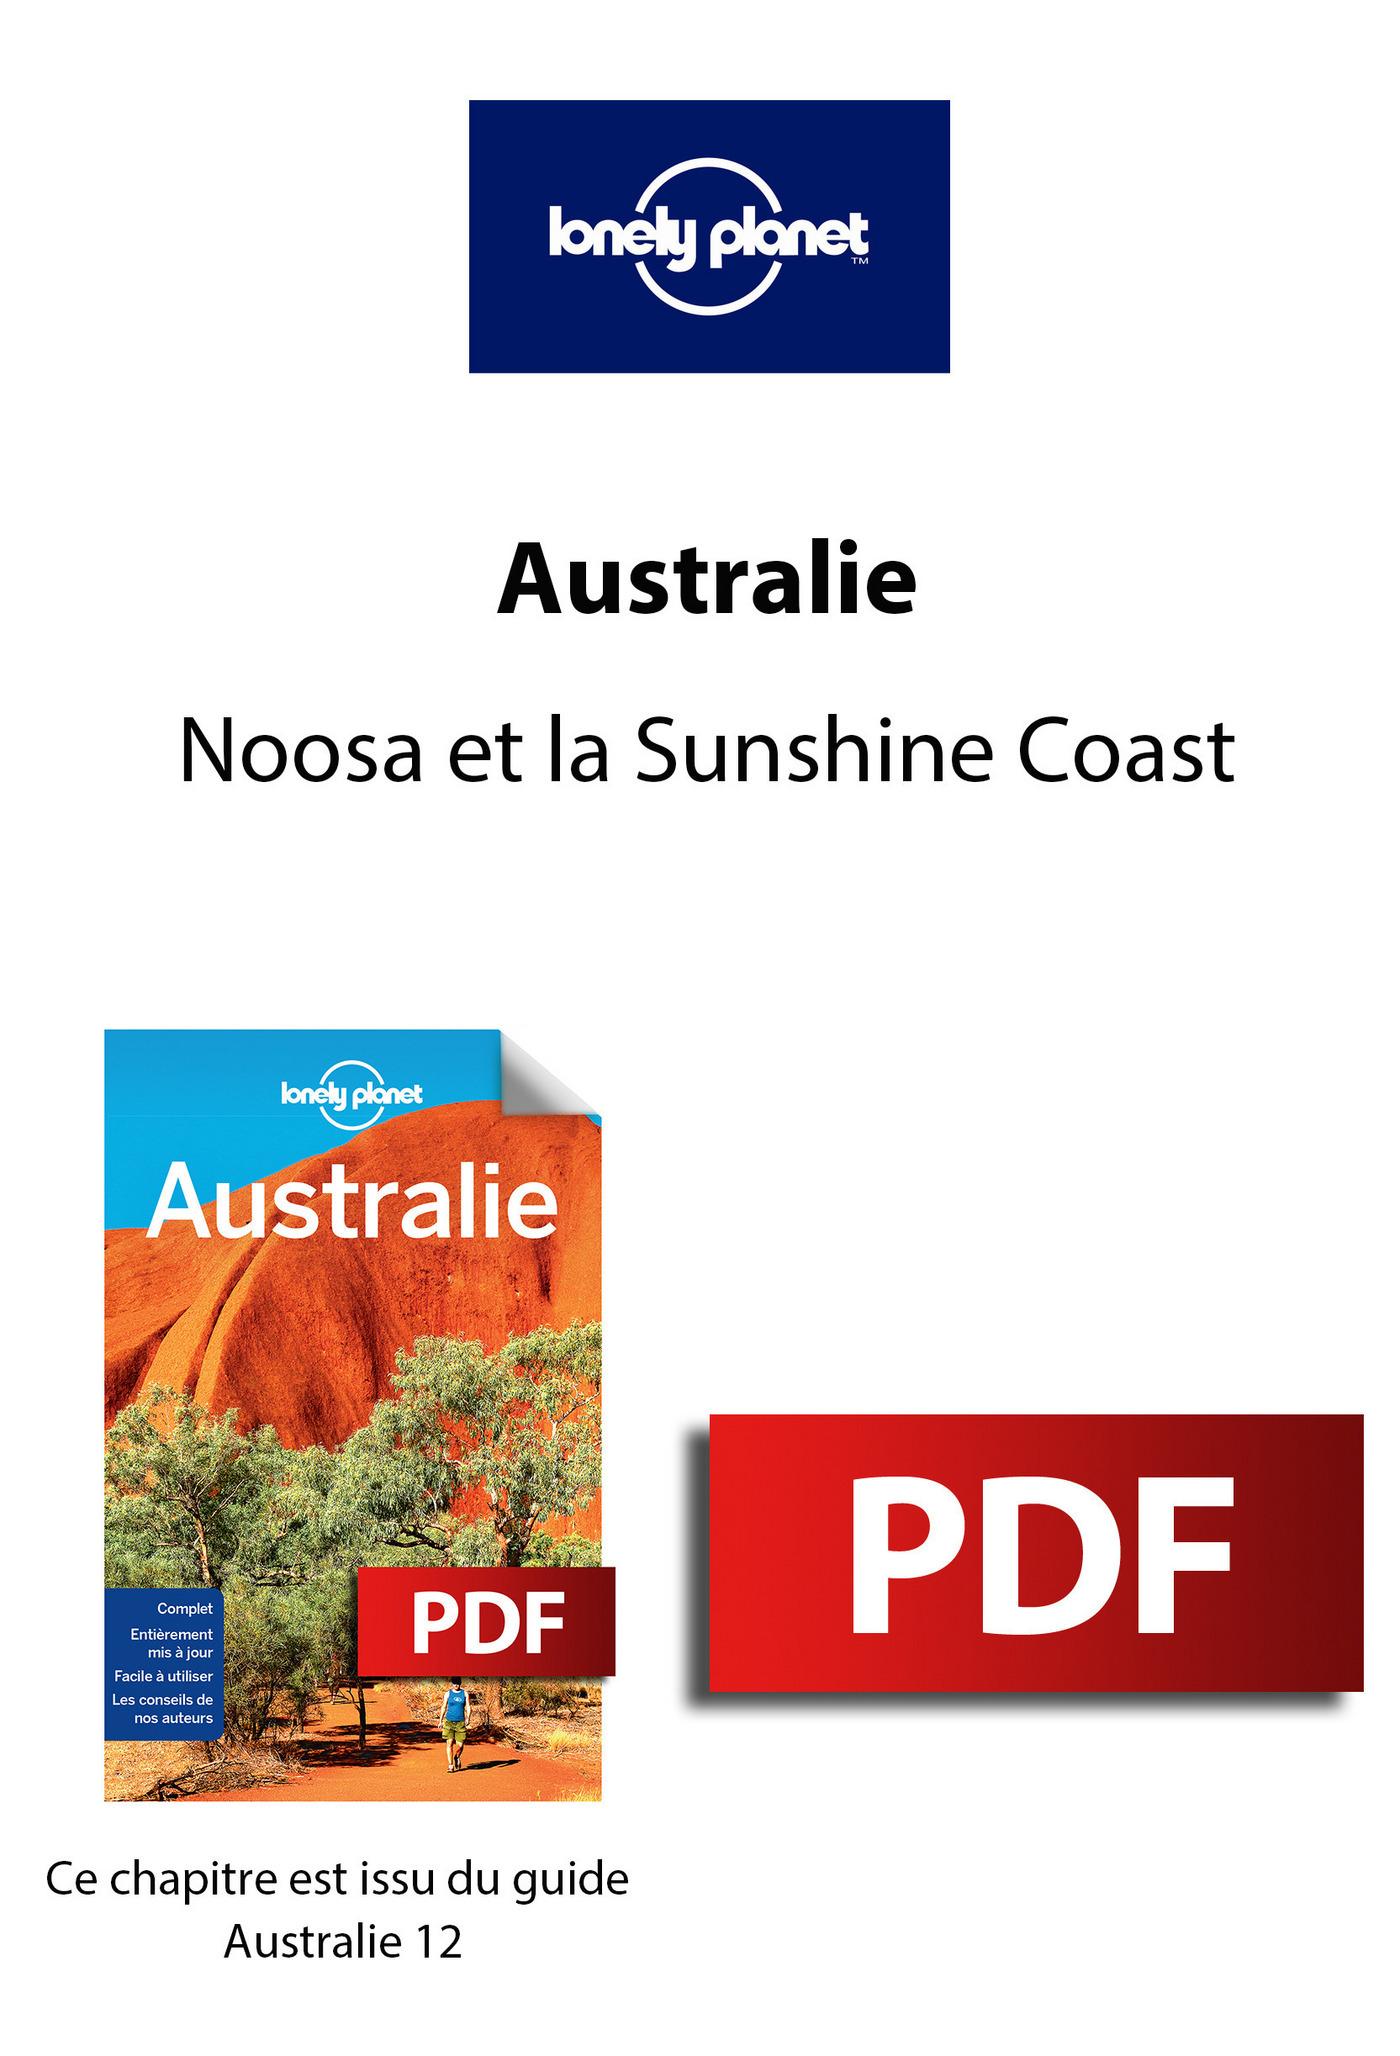 Australie - Noosa et la Sunshine Coast